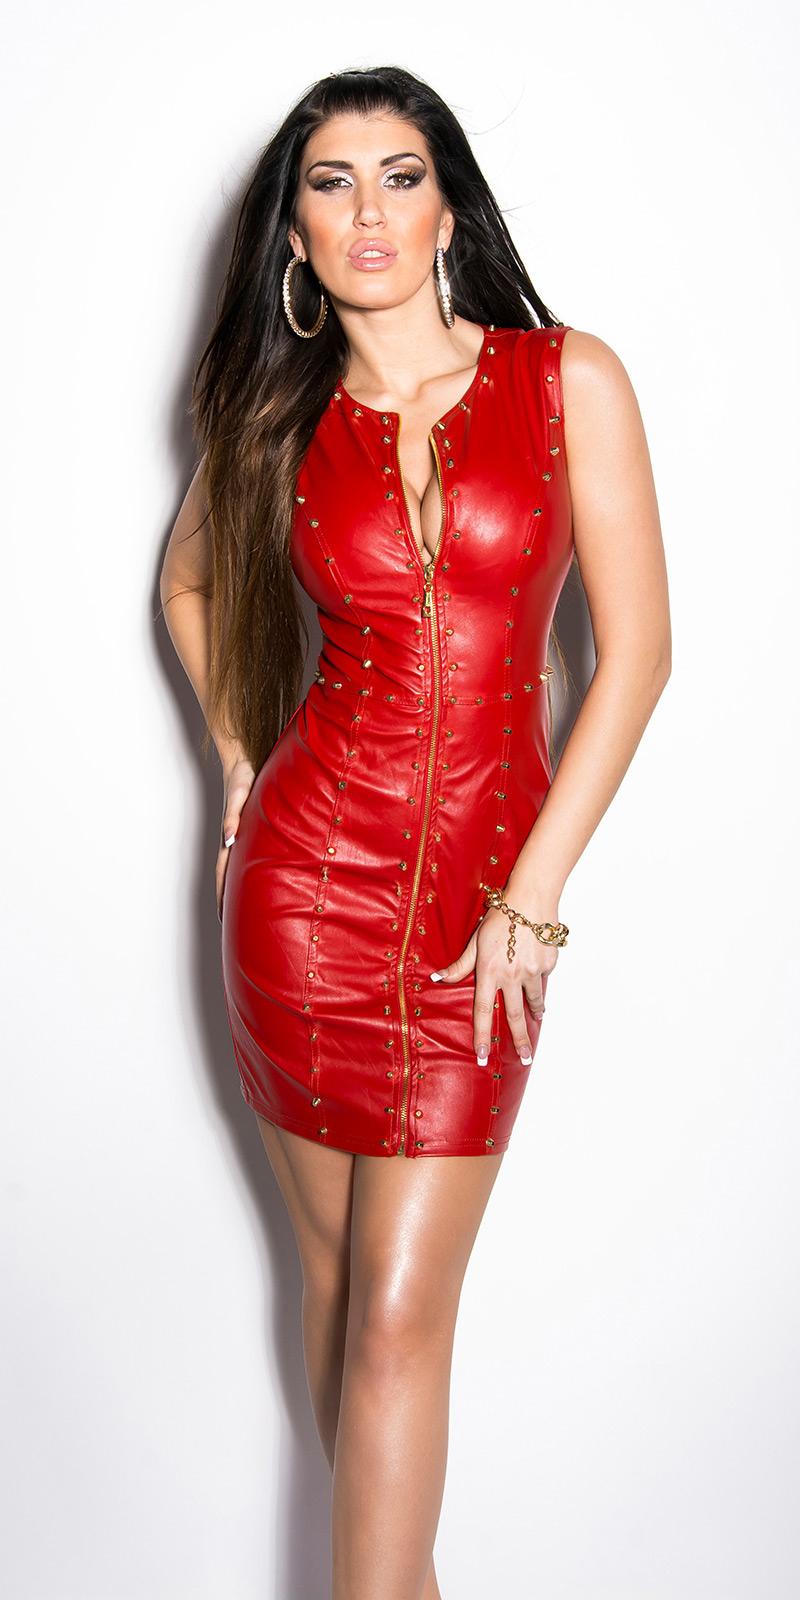 ac3455d3 MB172] Czerwona skórzana sukienka z nitami :: Deme.pl